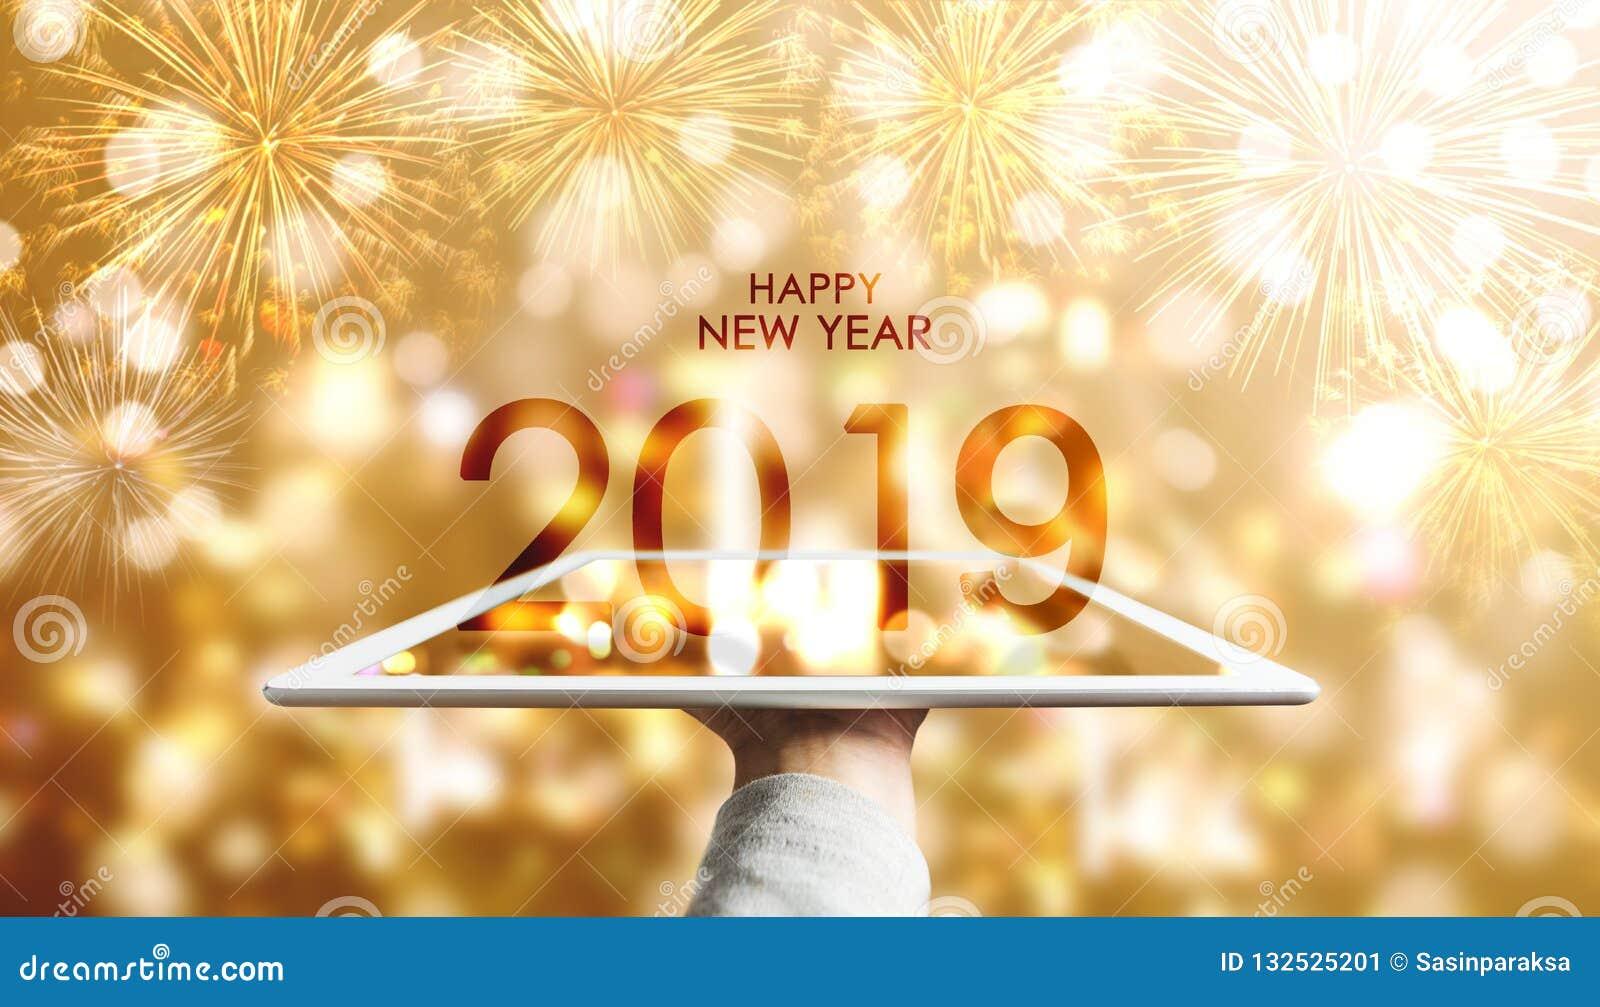 Szczęśliwy nowy rok 2019, ręka trzyma cyfrową pastylkę z luksusowym złocistym Bokeh fajerwerków tłem